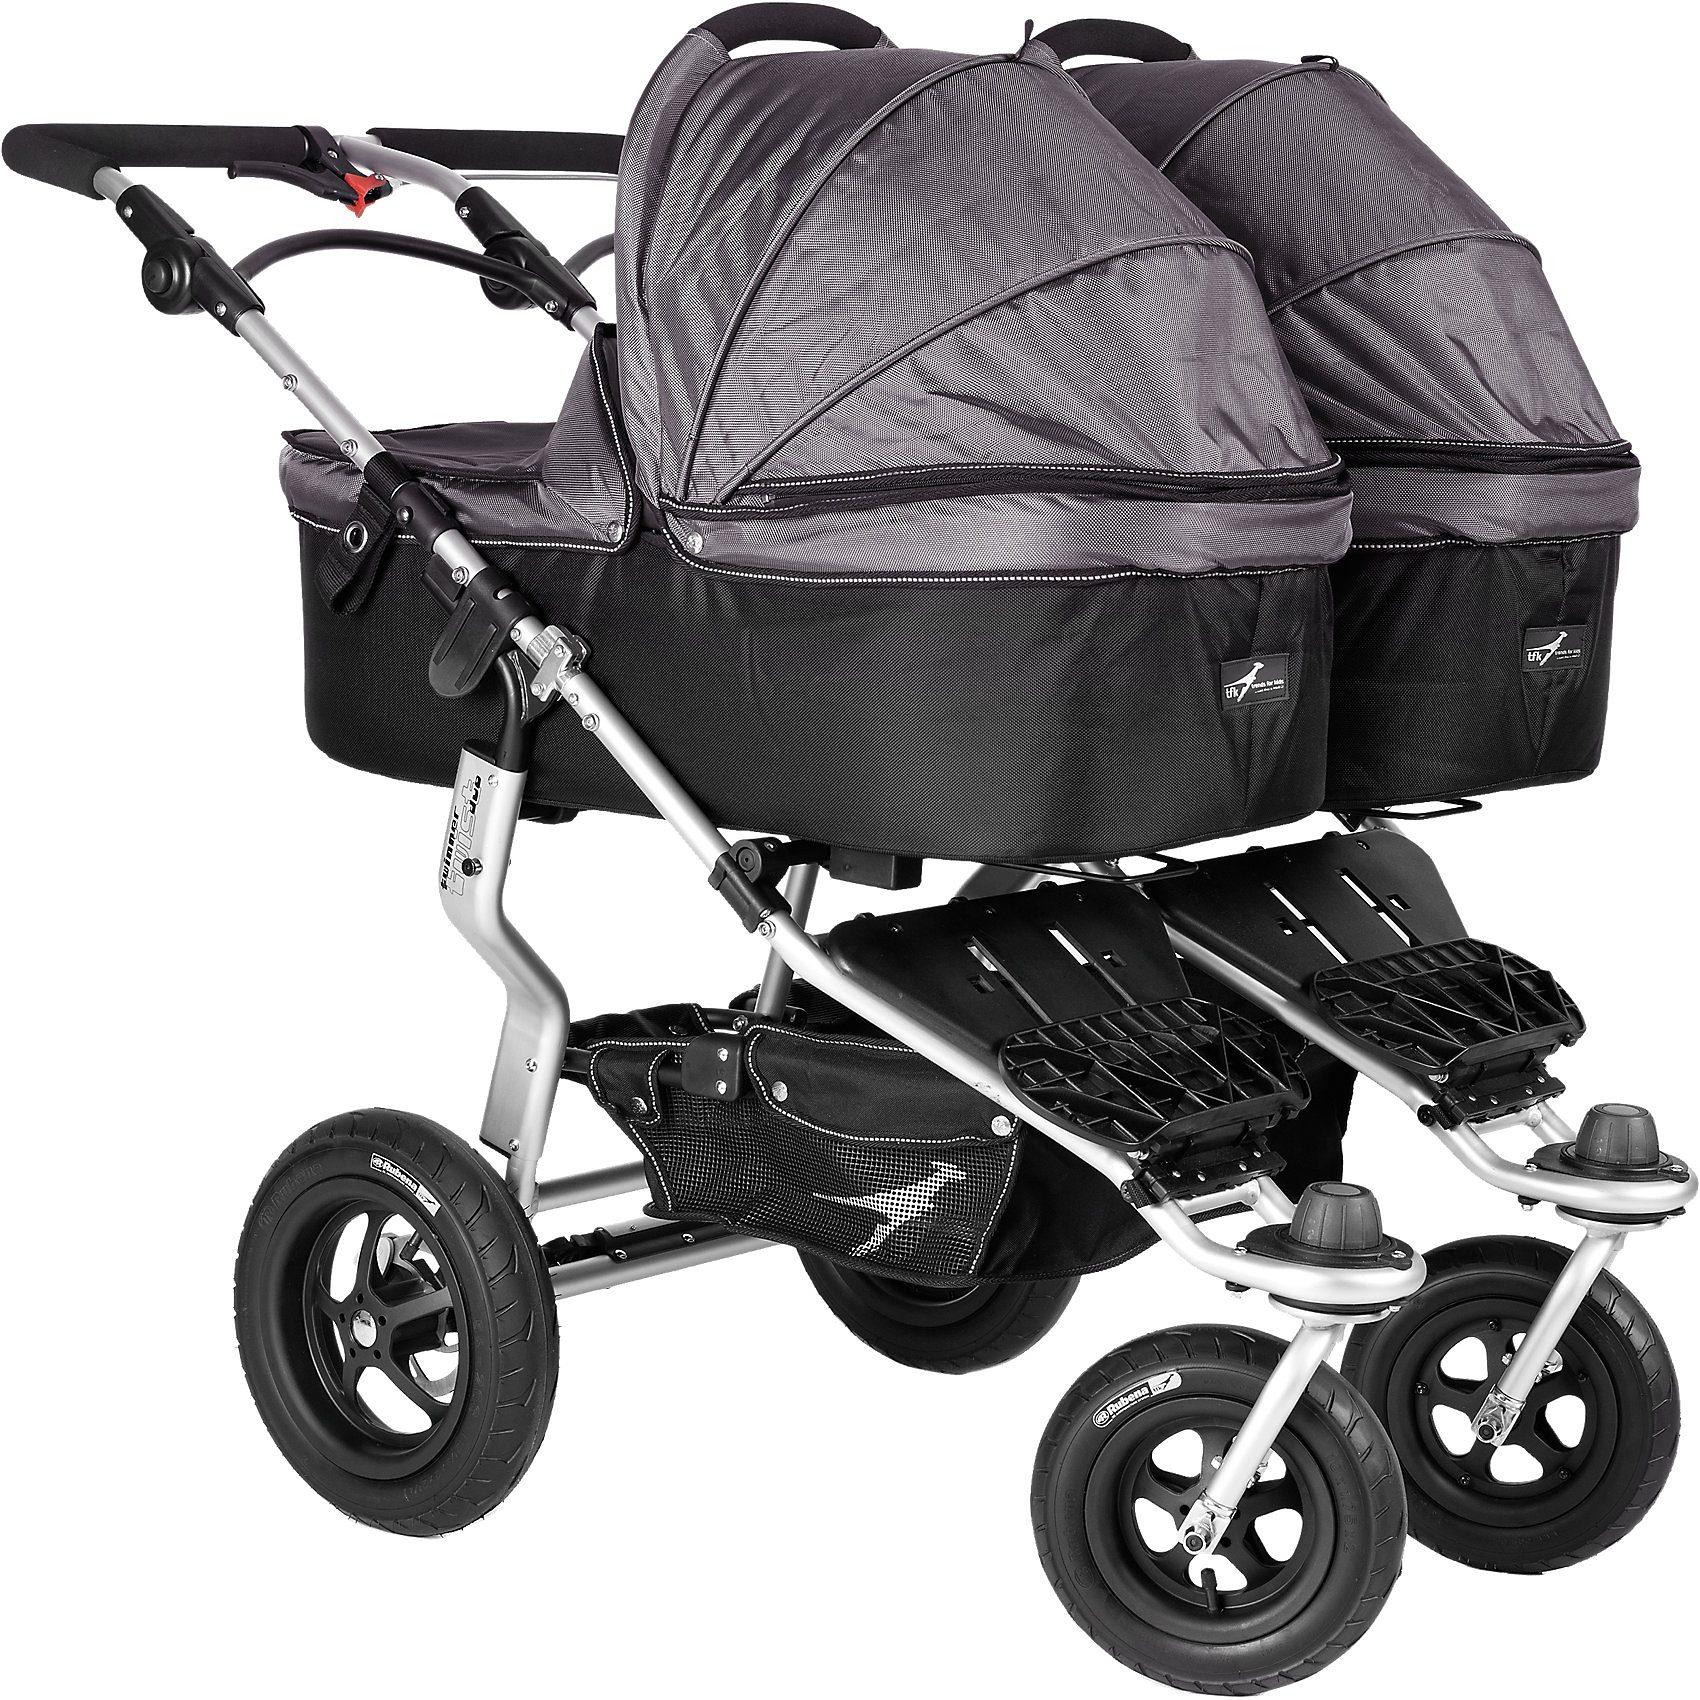 TFK Kinderwagenaufsatz für Twinner Twist Duo, grau